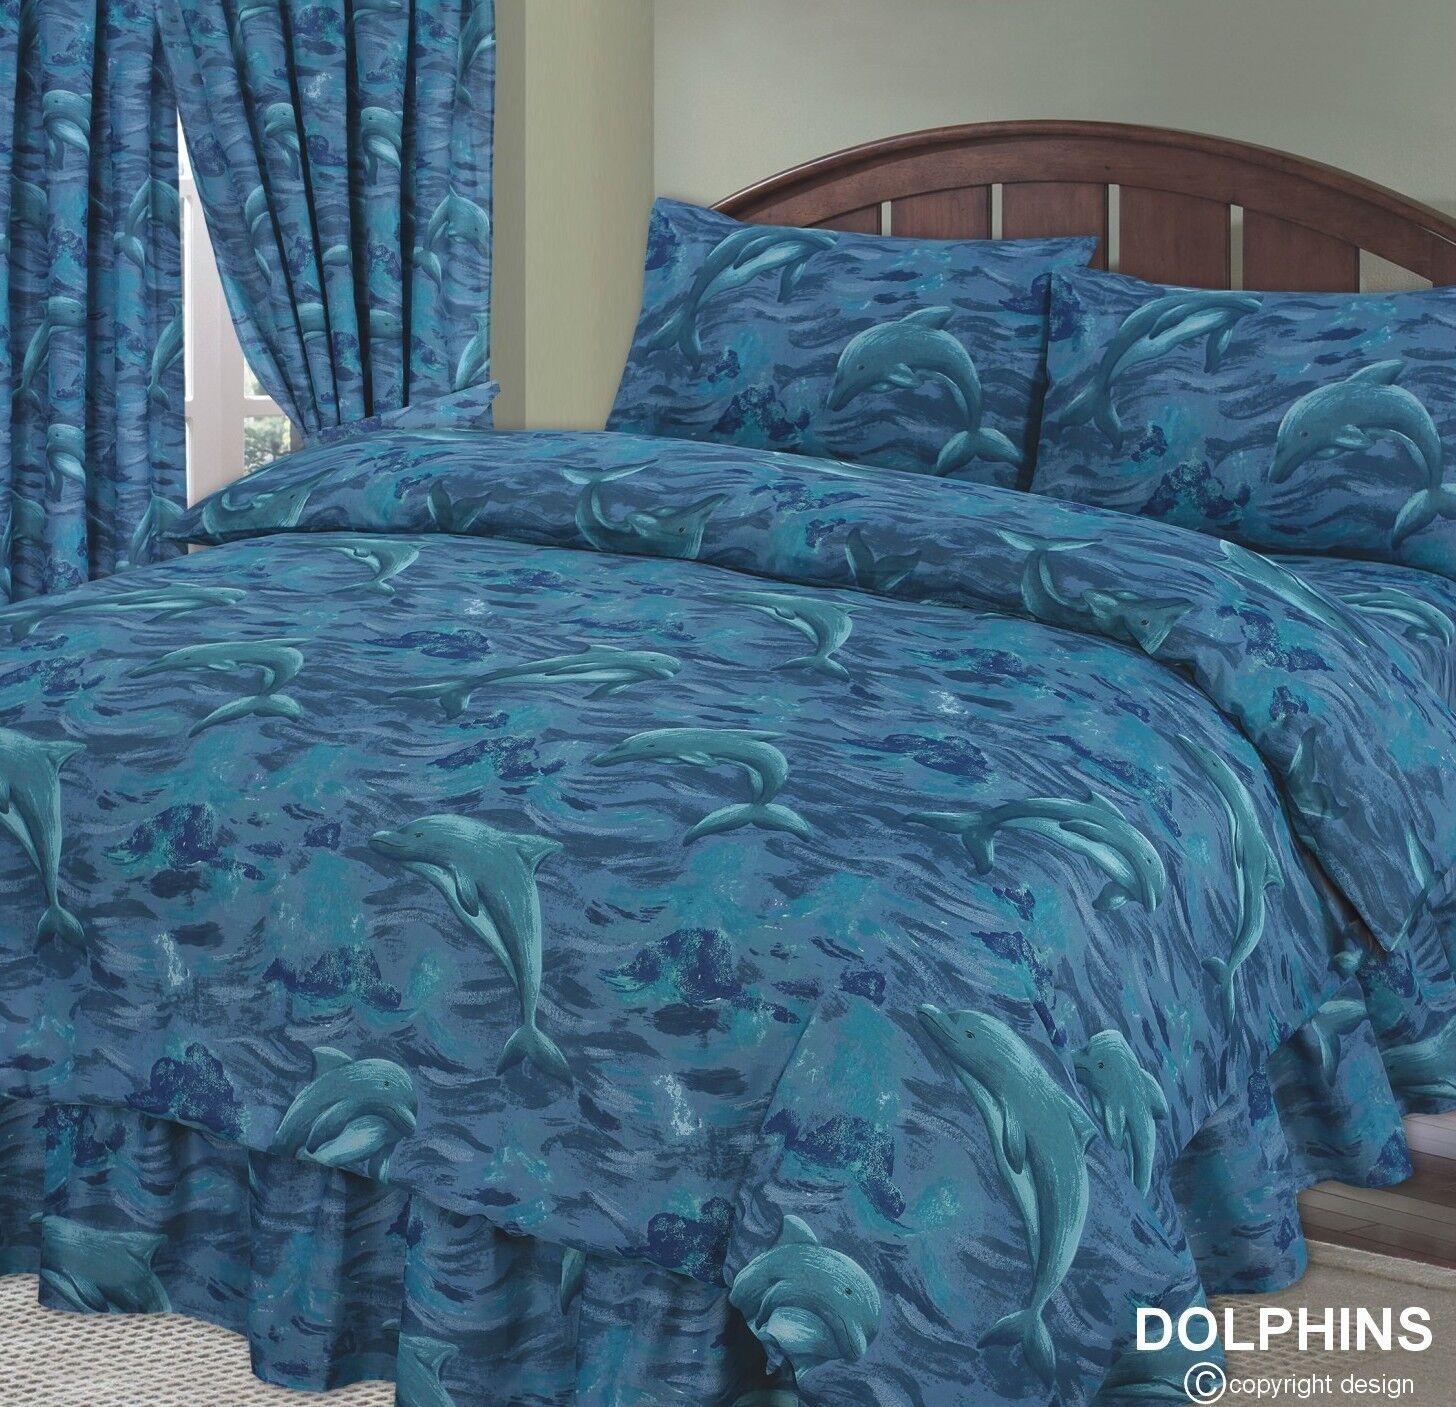 DELFINO BLU MARE OCEANO ONDA Splash piumone Set   trapunta Cover Set piumone di biancheria da letto o tende ab9b80